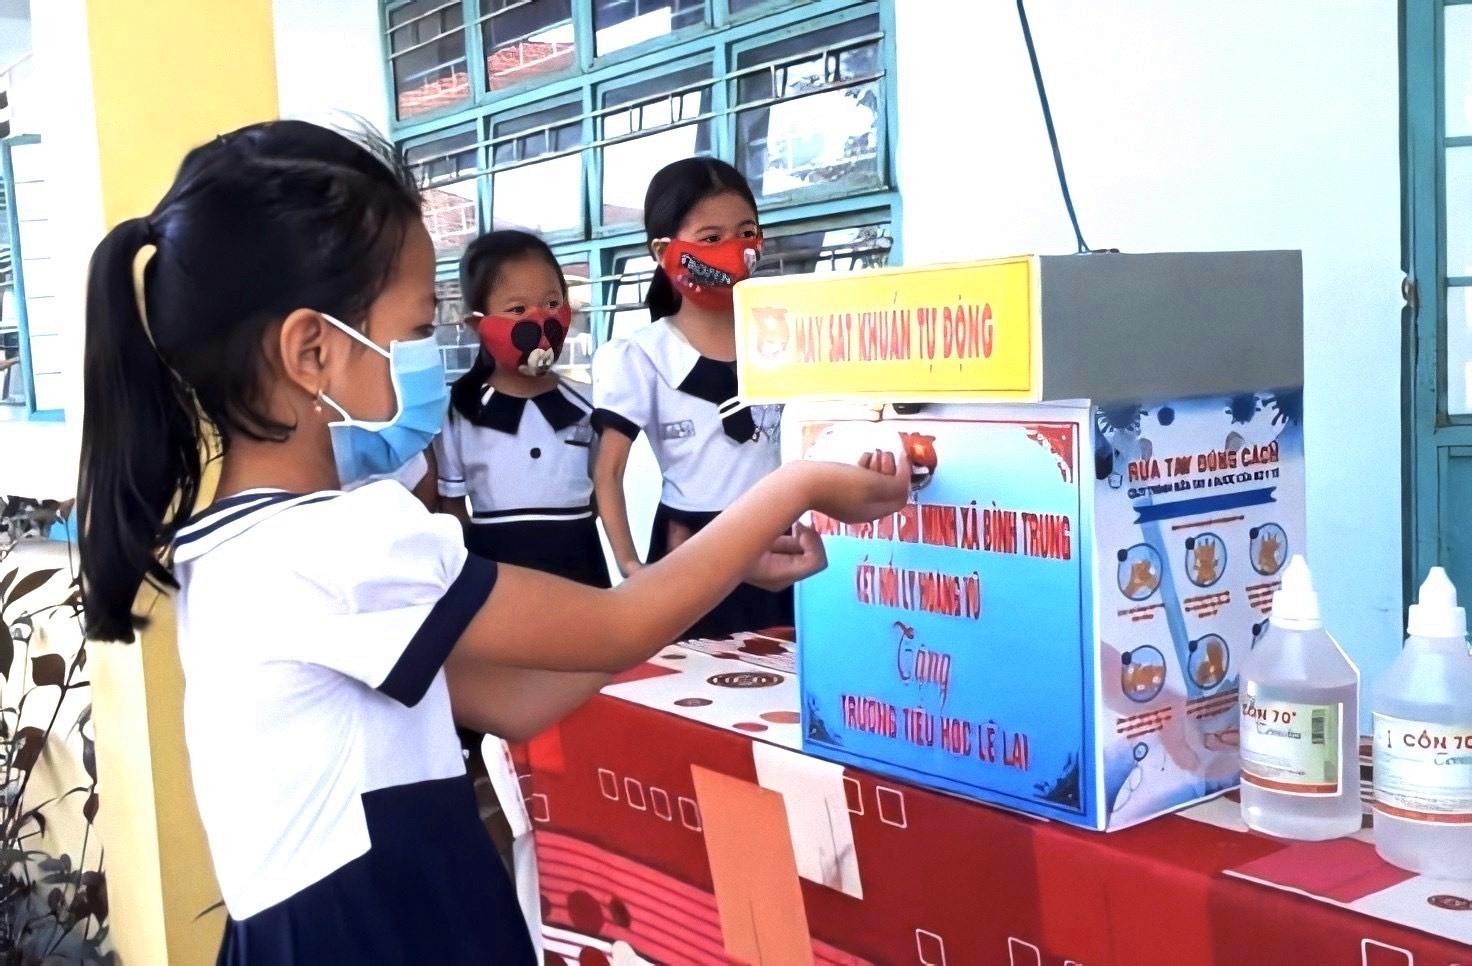 Máy rửa tay sát khuẩn tự động do anh Thủ chế tạo tặng cho trường học sử dụng. Ảnh: P.V